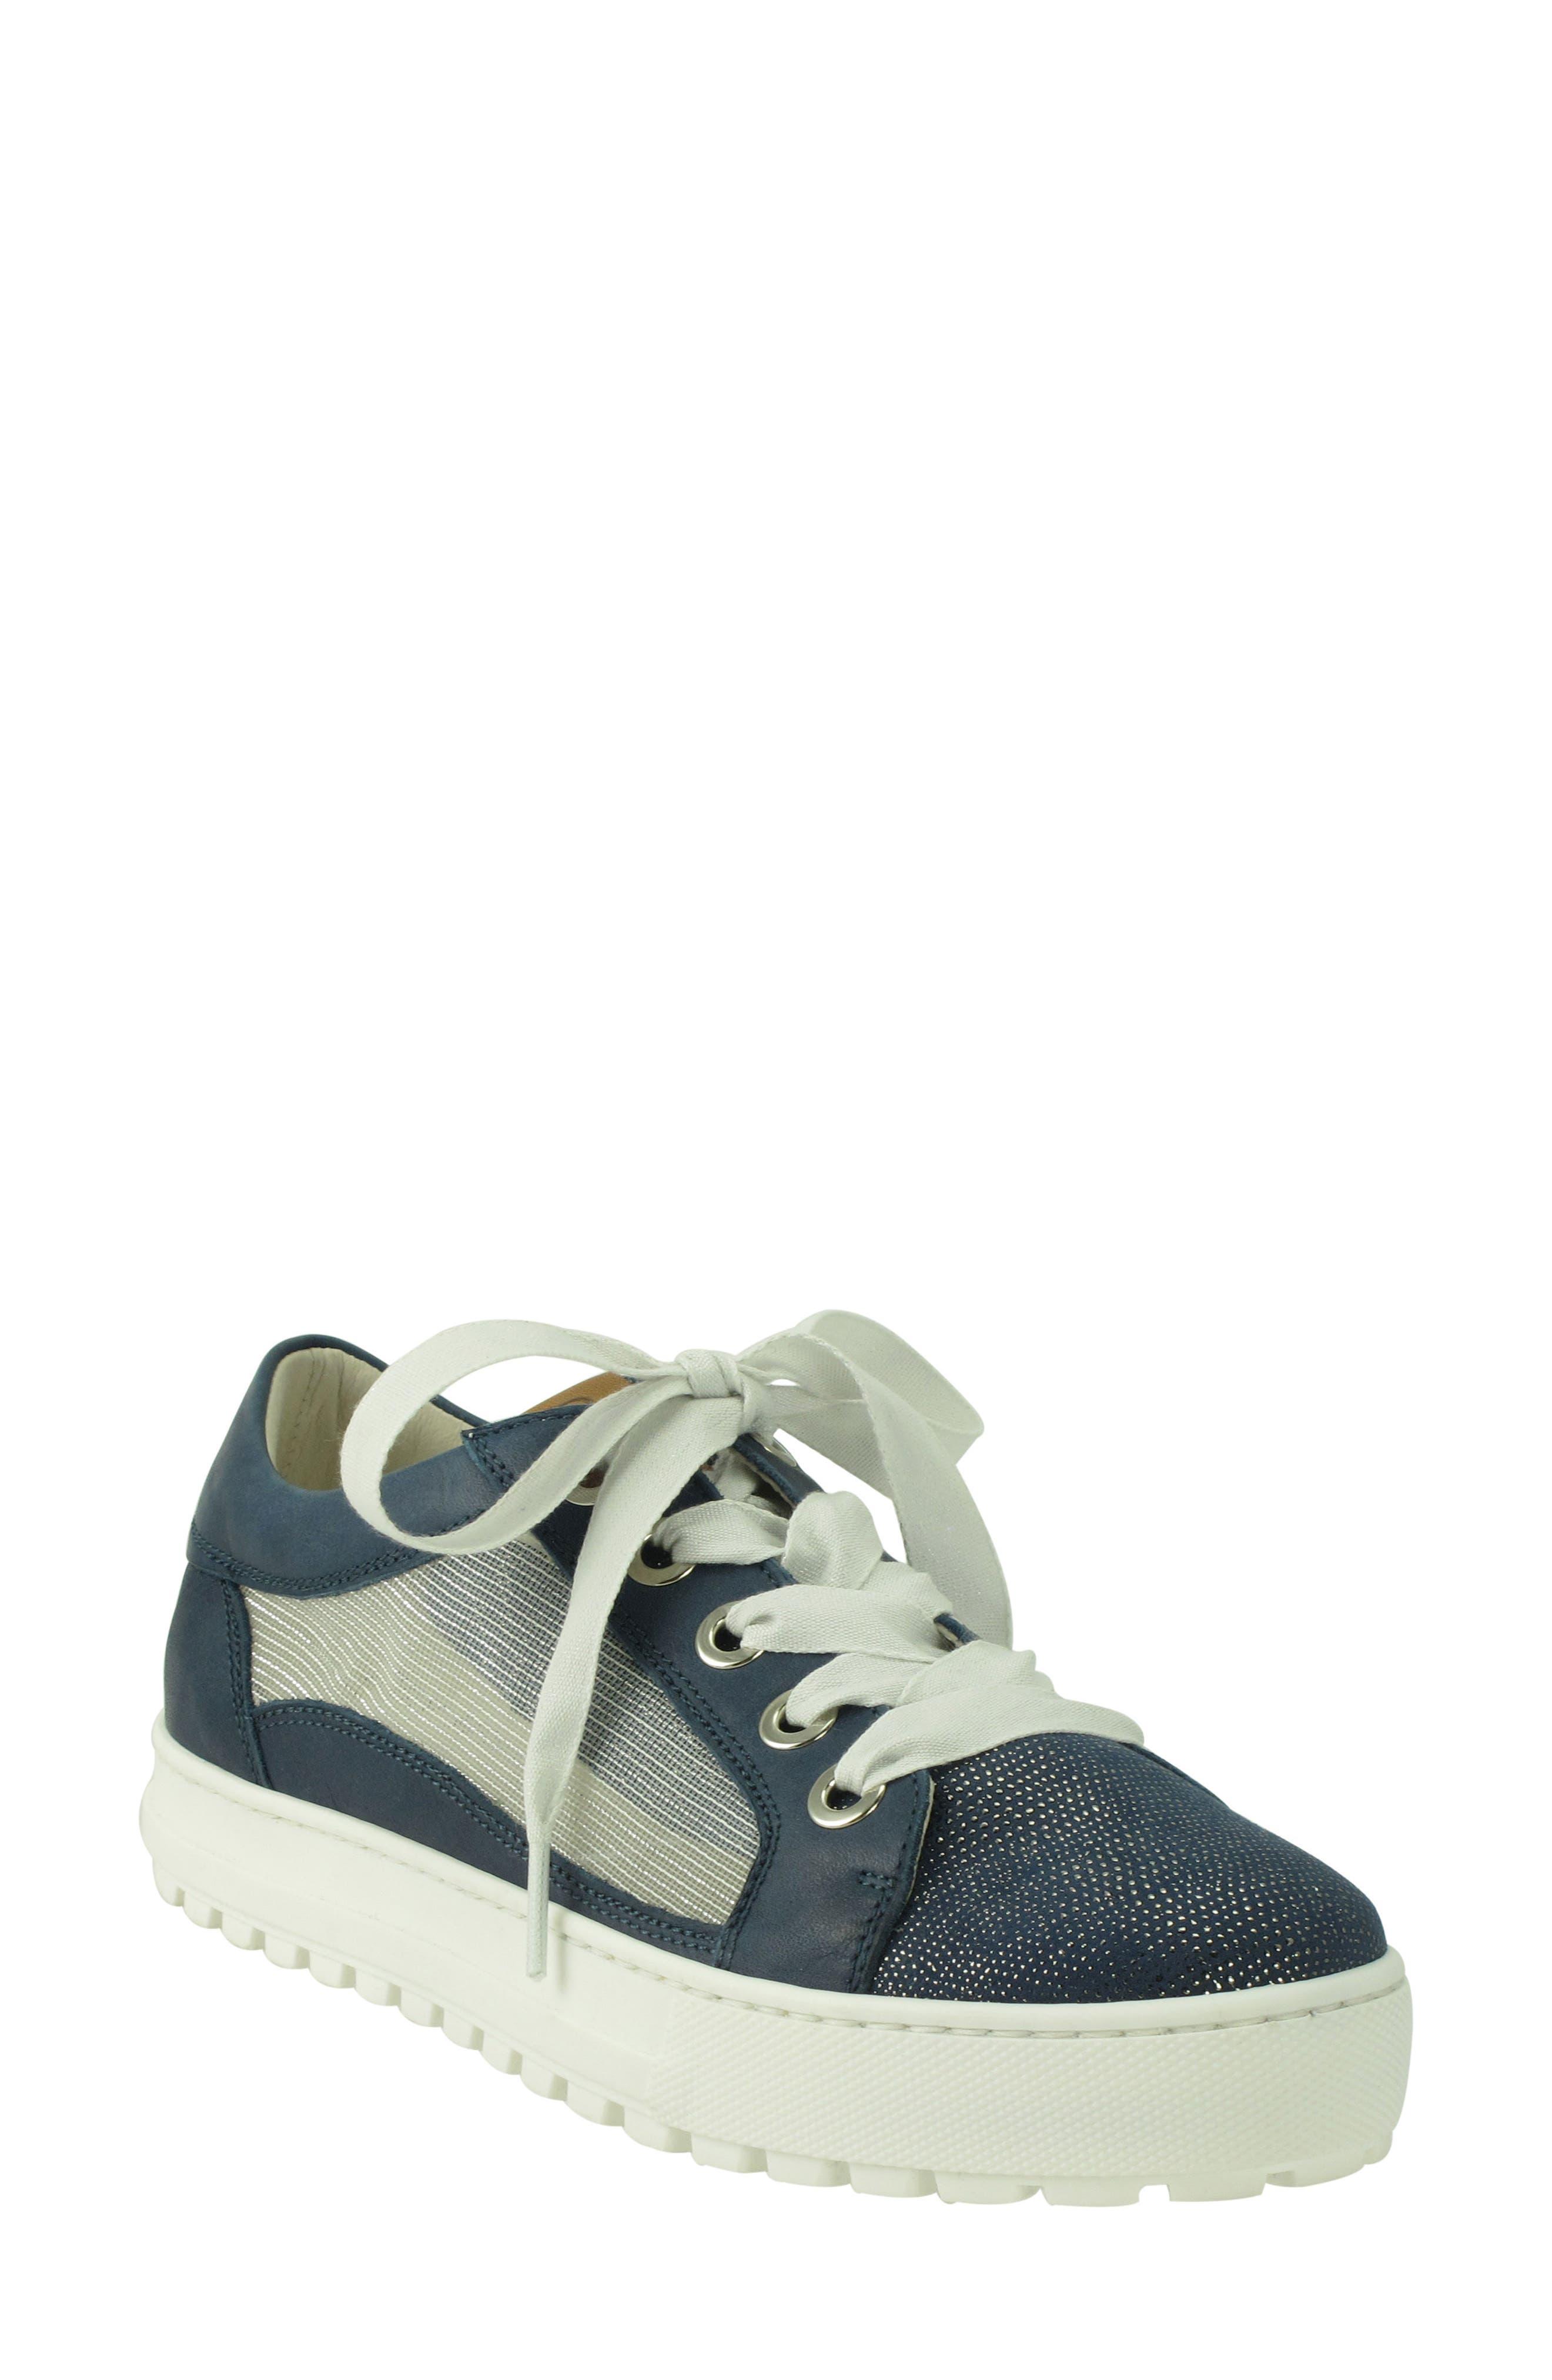 Layton Sneaker,                         Main,                         color, 400